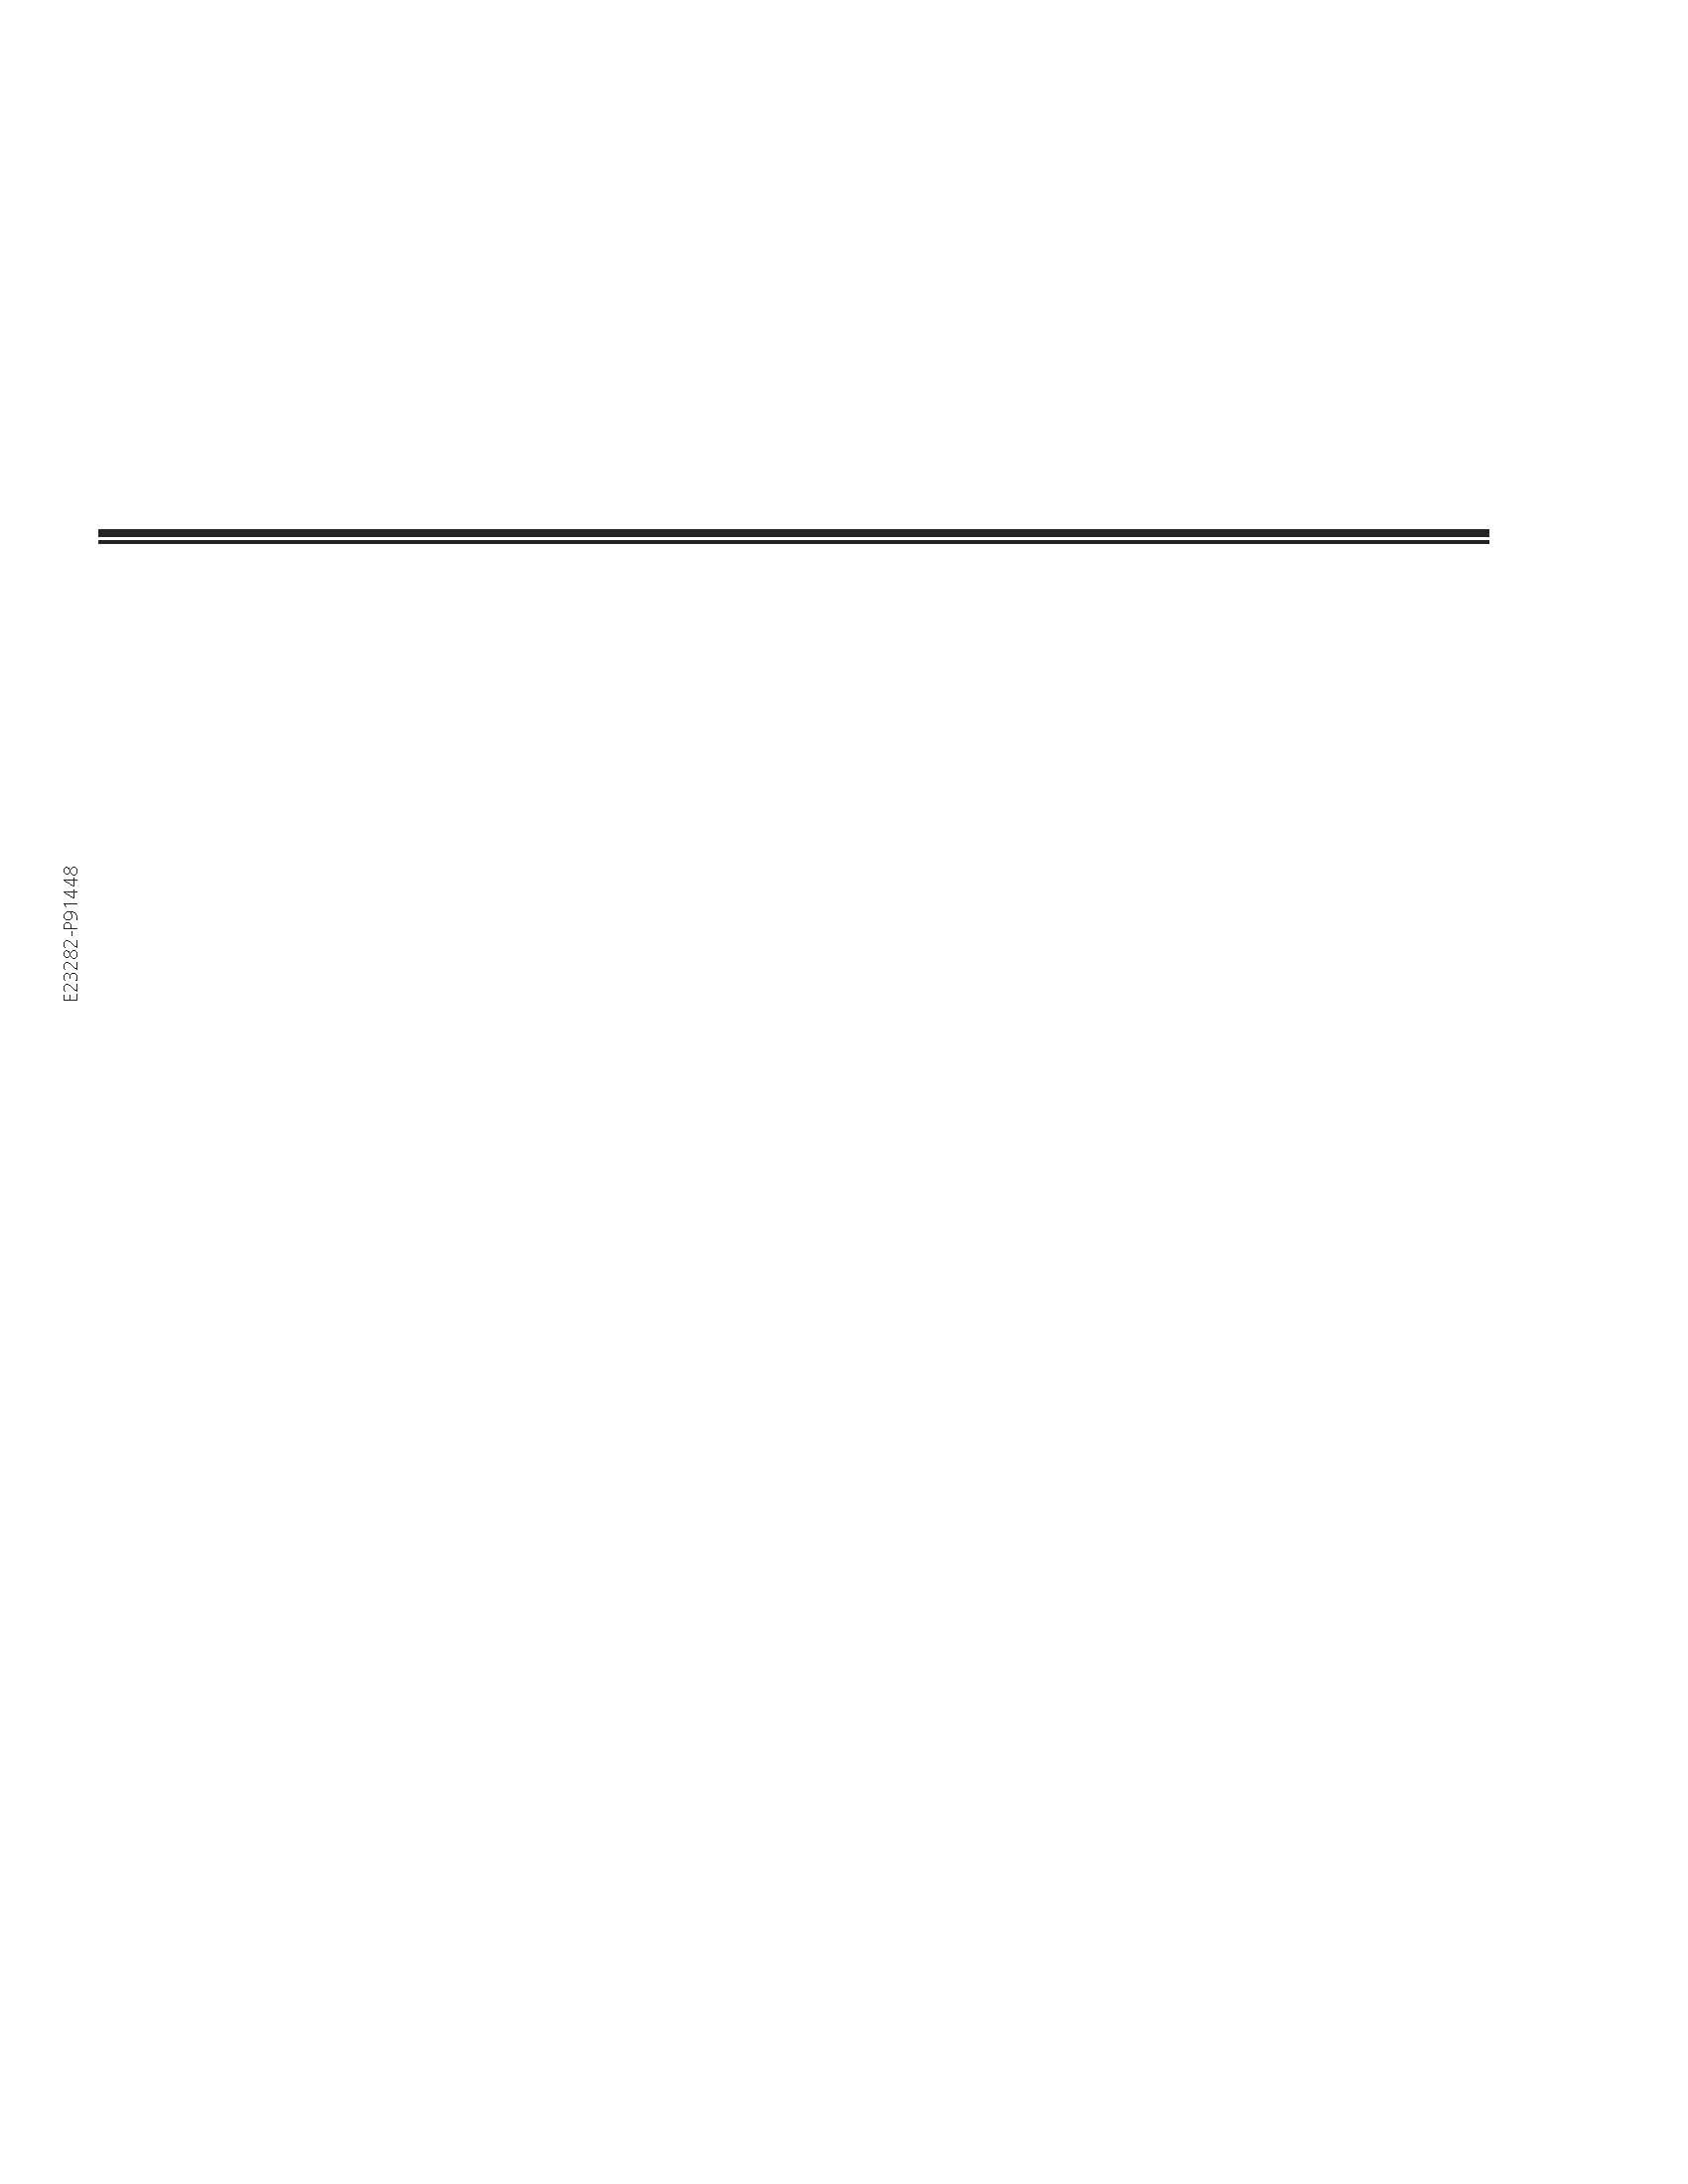 NOTICEPAGE4.JPG